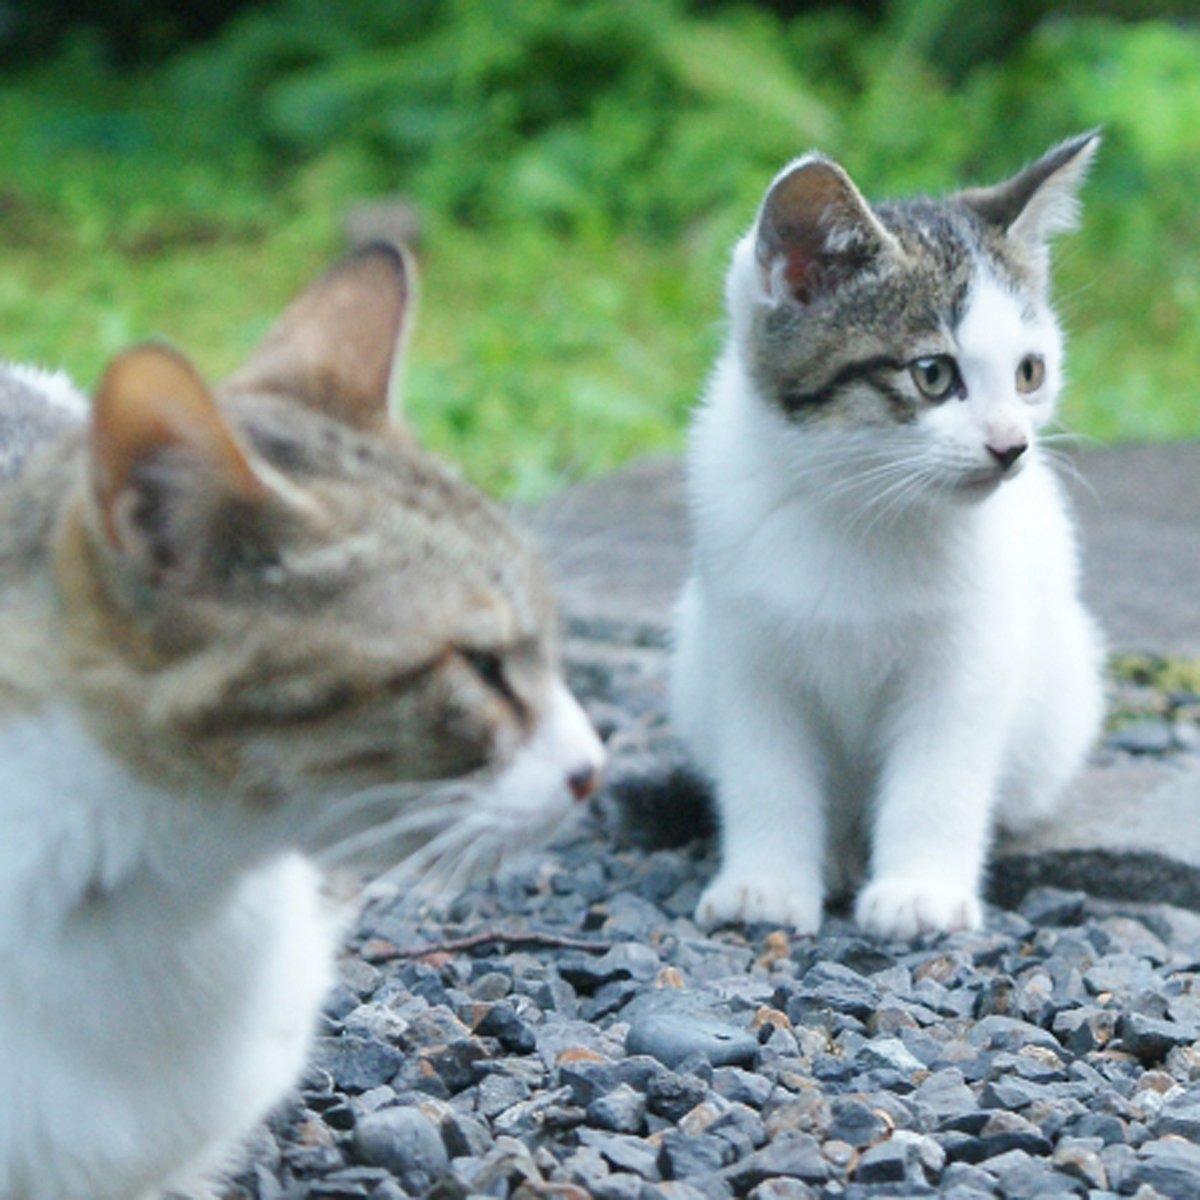 かわいいにゃんこ♪ #ハニーペット #HONEYPET #honeypet #猫 #ねこ #ねこ部 #にゃんすたぐらむ #にゃんこ #子猫 #ネコ #ねこのいる生活 #ねこのきもち #ねこのいる暮らし #kitty #catstagram #petstagram #instacat #meow #instagood #follow #followme https://t.co/rNwkzNOn9n